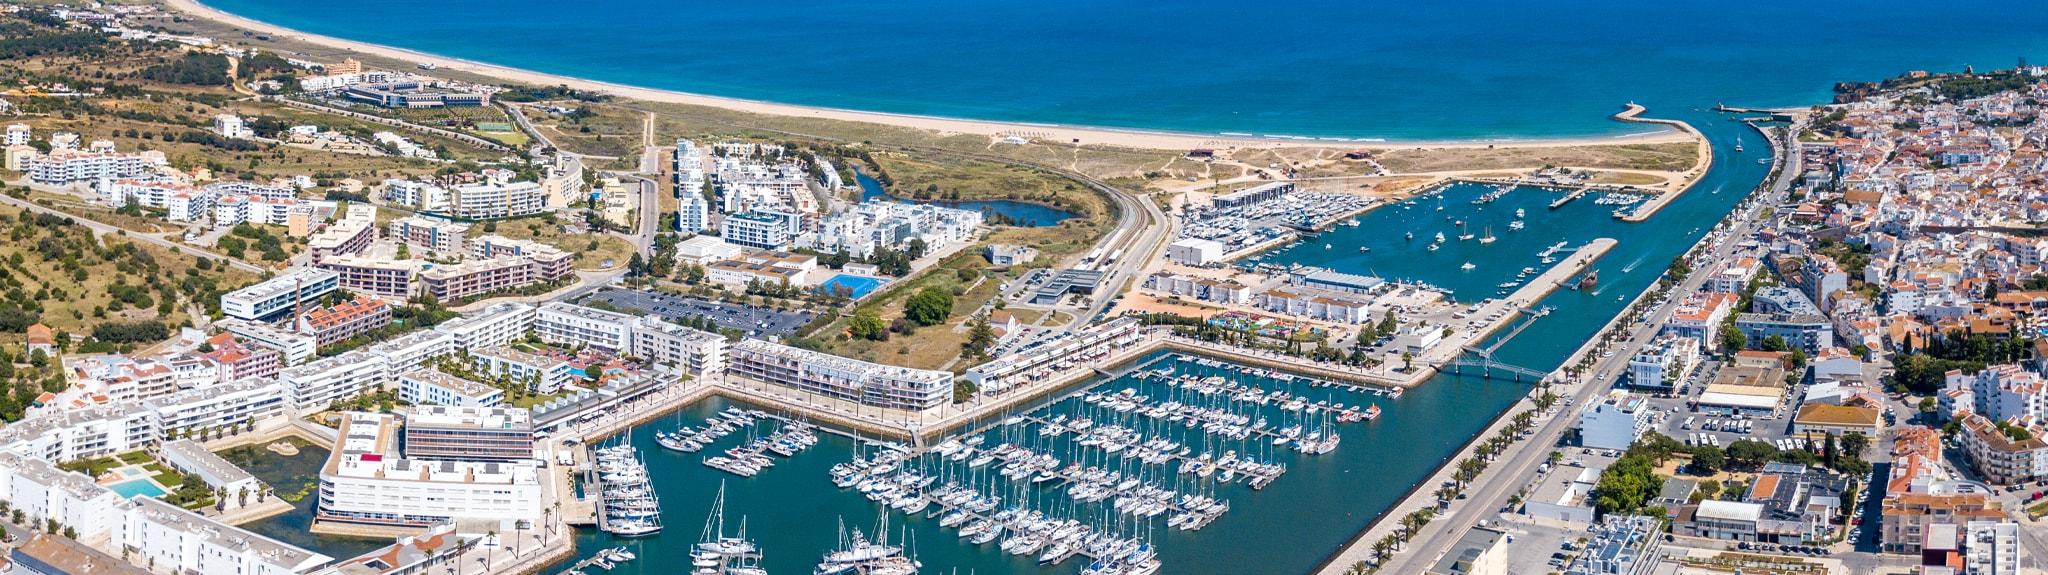 Marina de Lagos / Algarve / Portugal